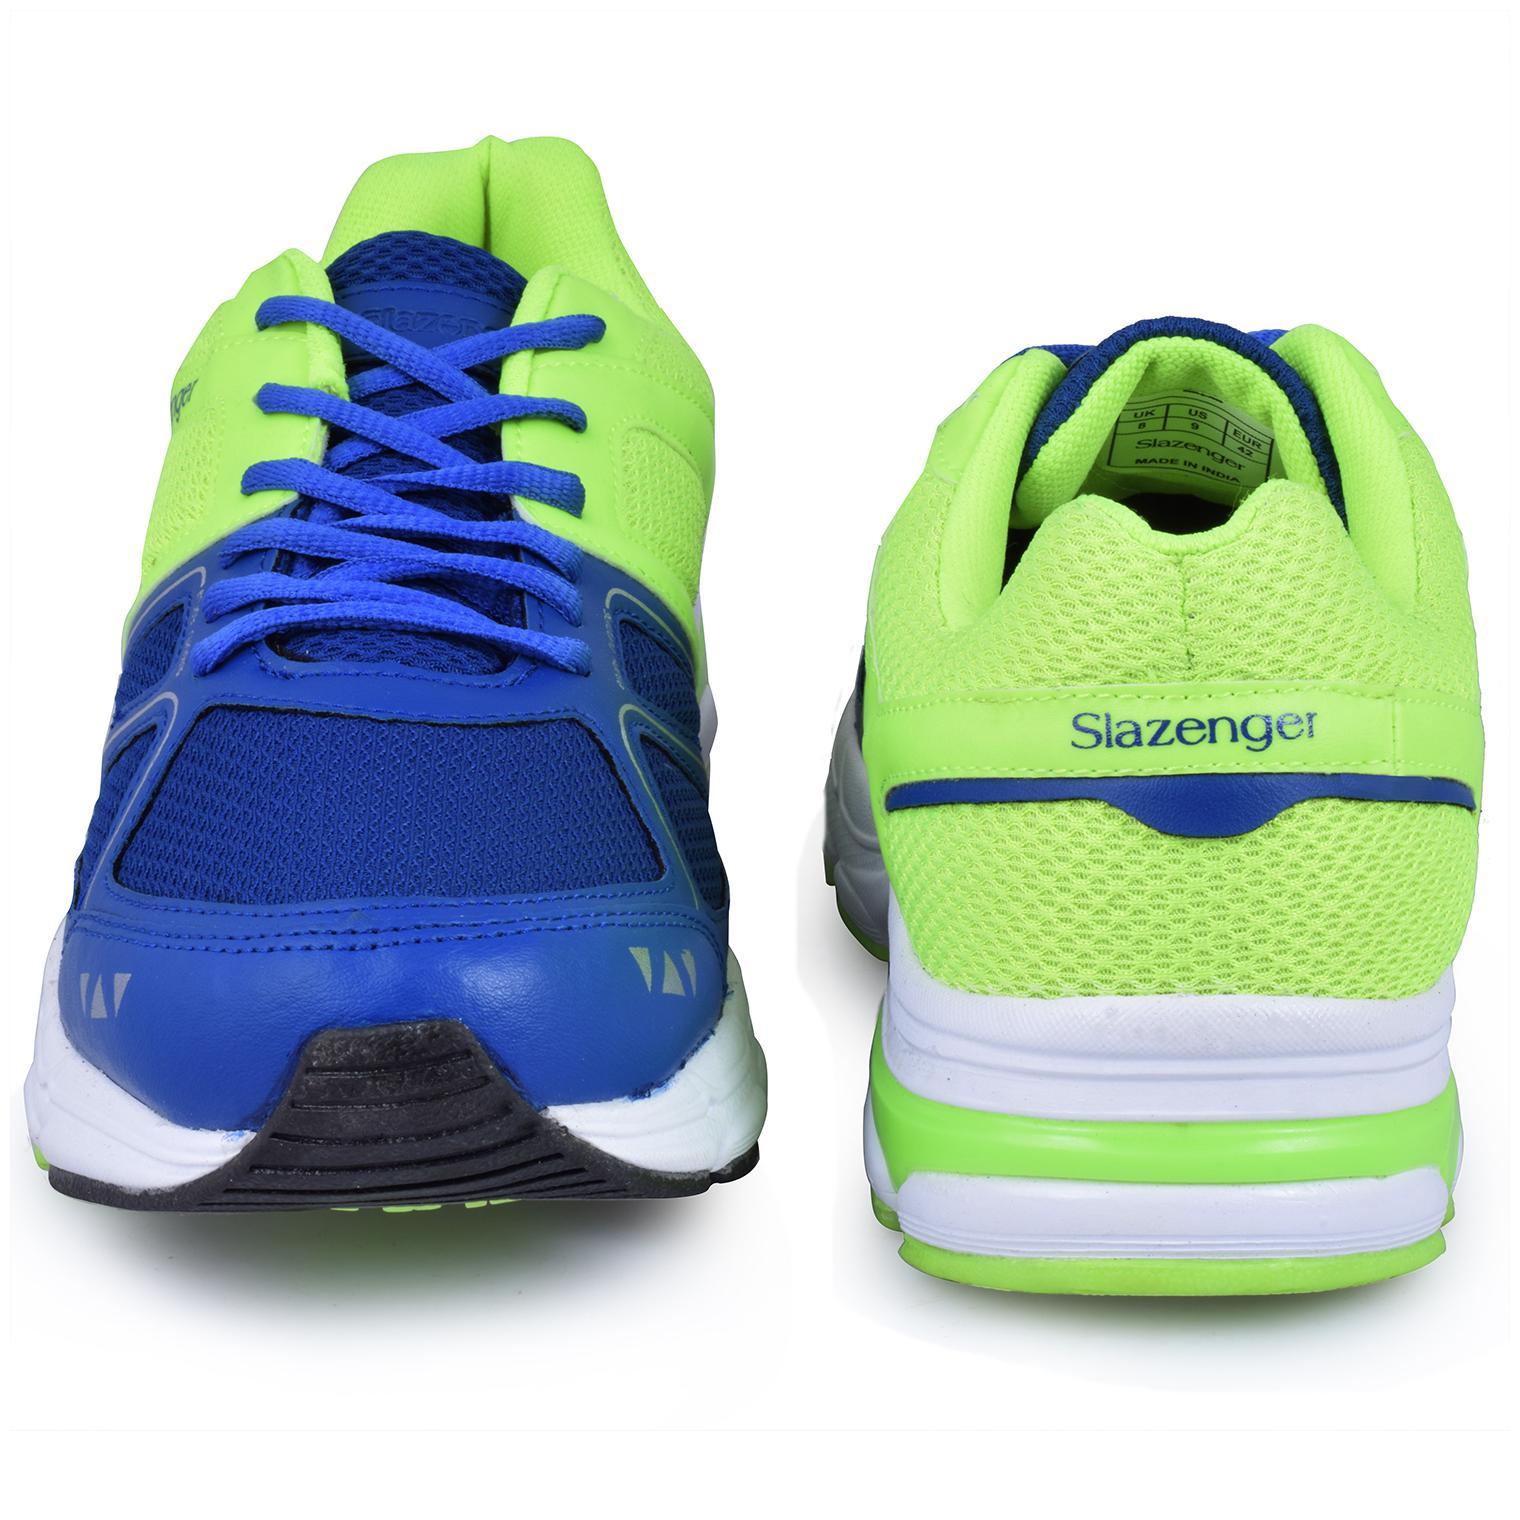 d71f5a6e1e1 Slazenger Men Astron Multi-color Running Shoes for Men - Buy Slazenger  Men's Sport Shoes at 71% off. |Paytm Mall